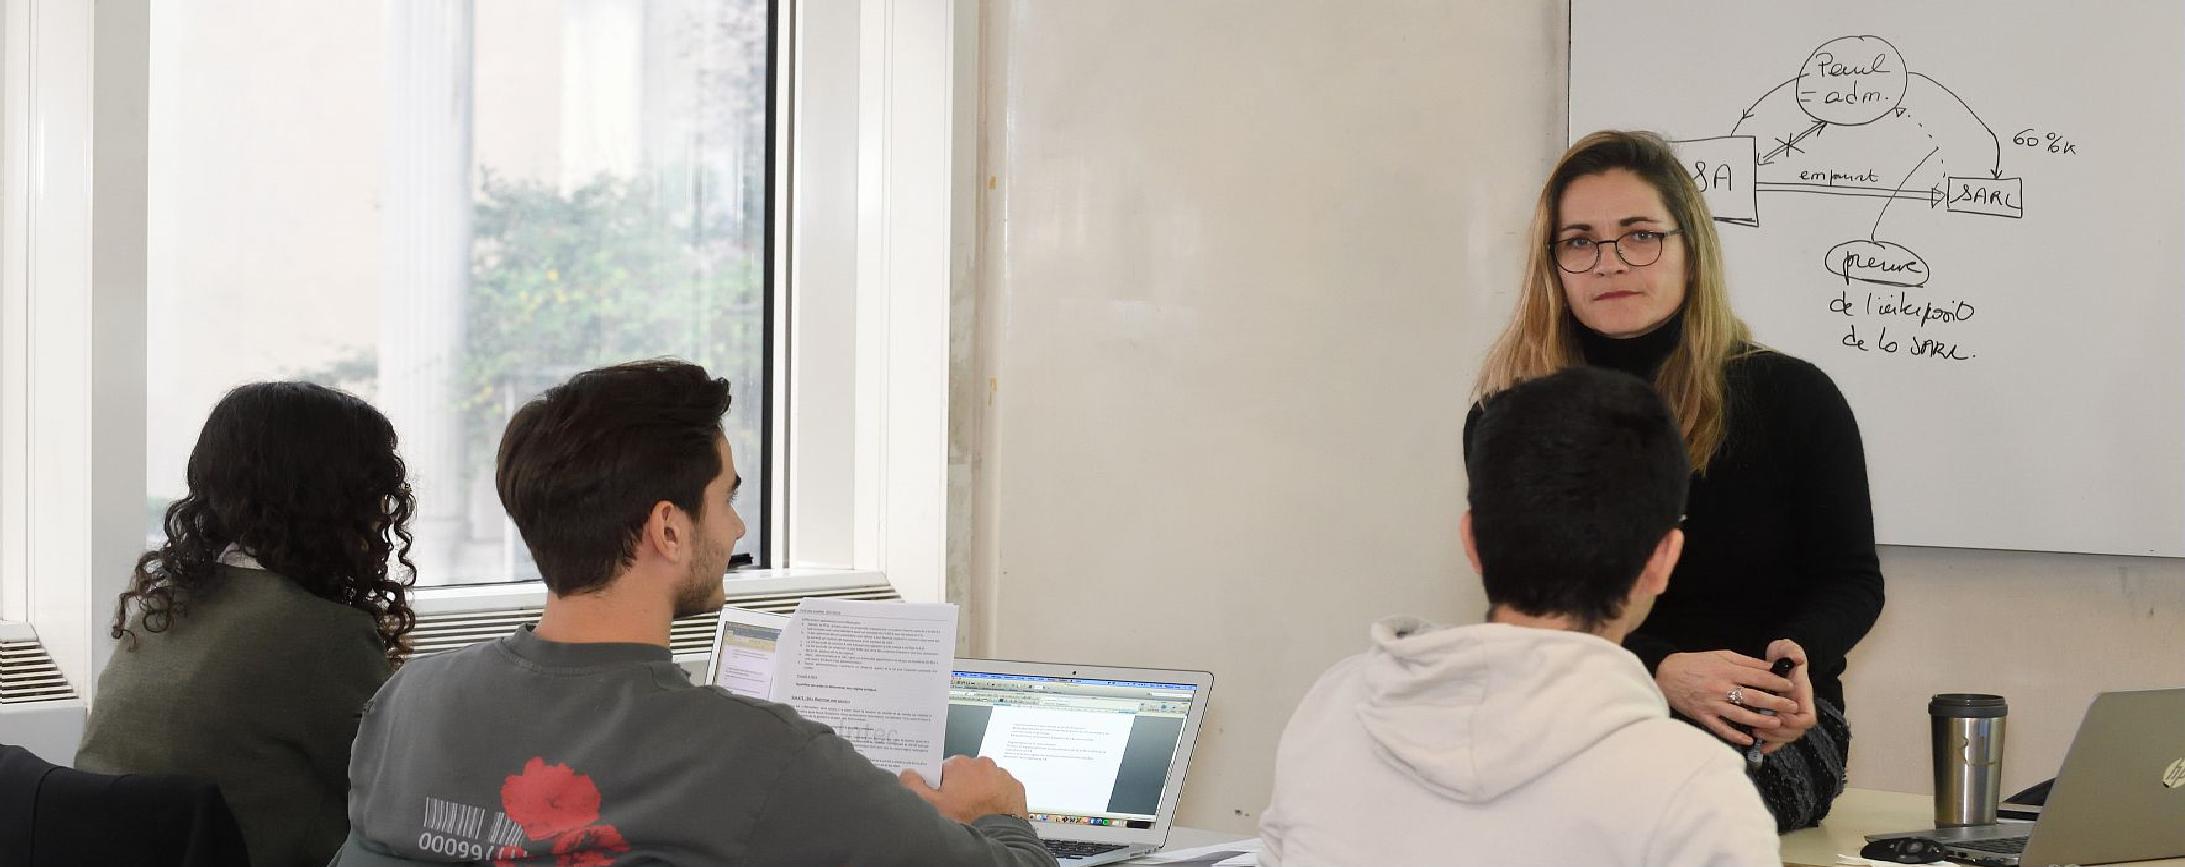 Eleves en ressources humaines RH et gestion de la paie au Cnam